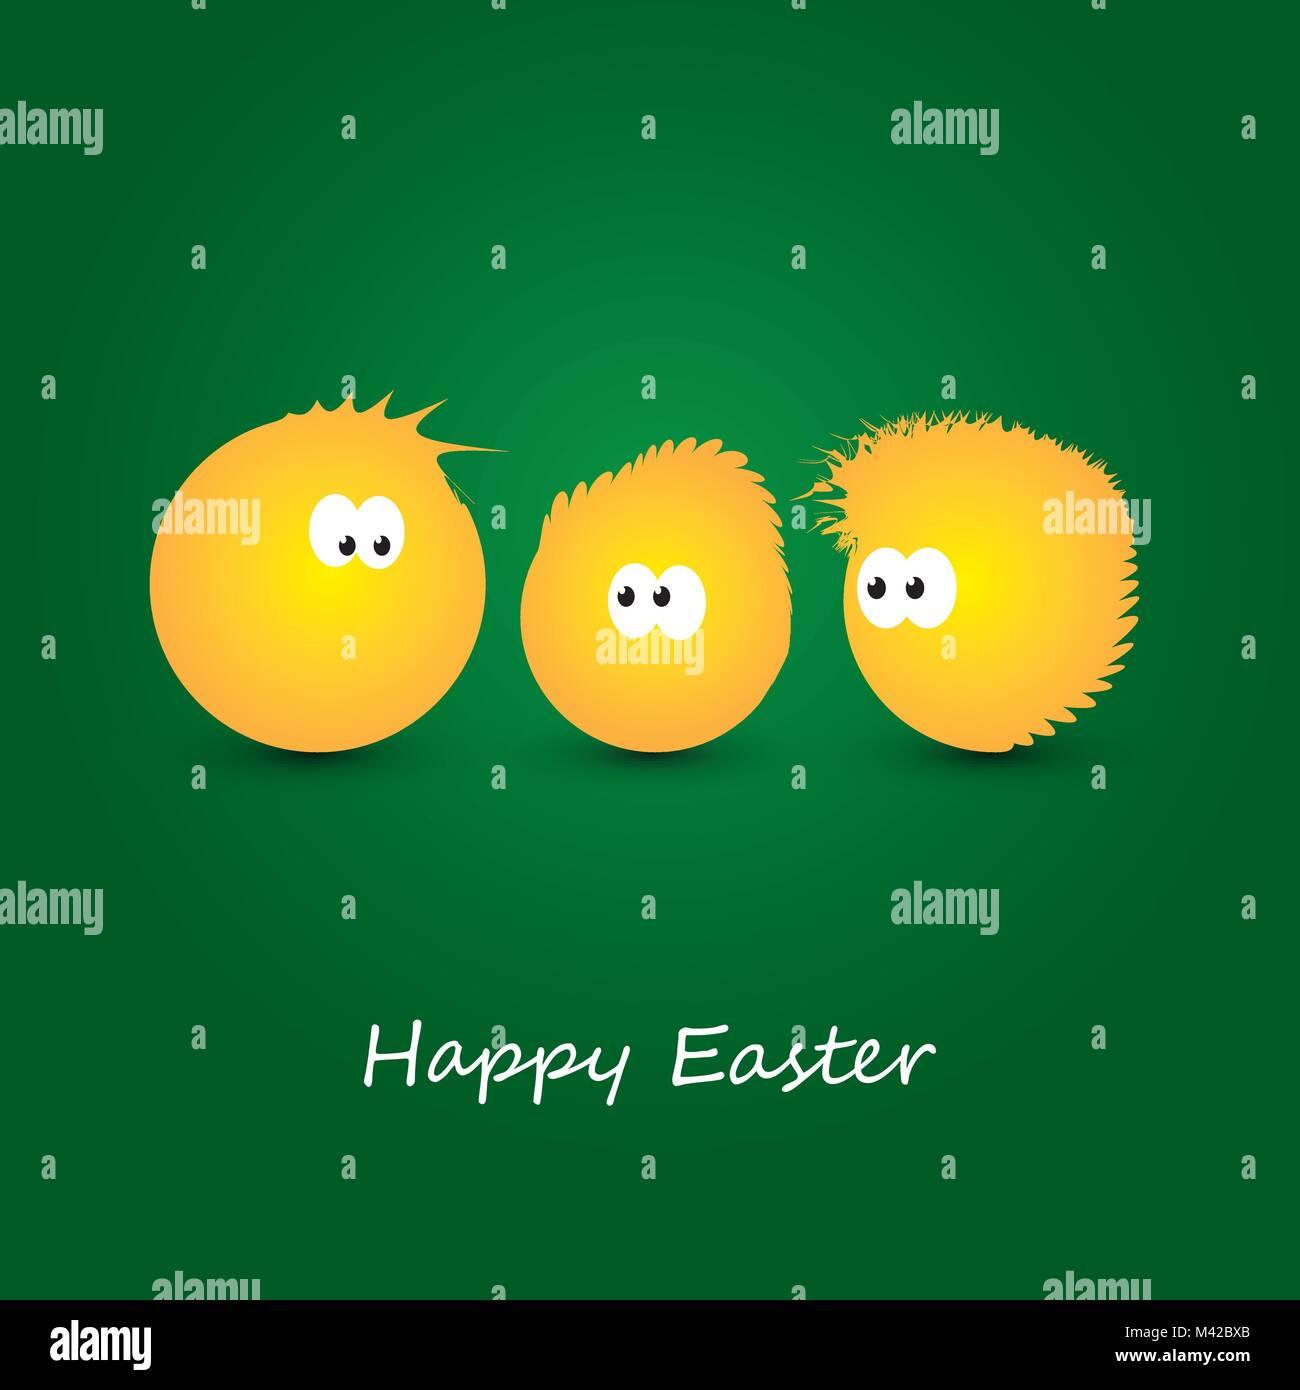 Gelbe Karte Lustig.Lustige Frohe Ostern Karte Mit Gelben Hühner Abstrakte Abbildung